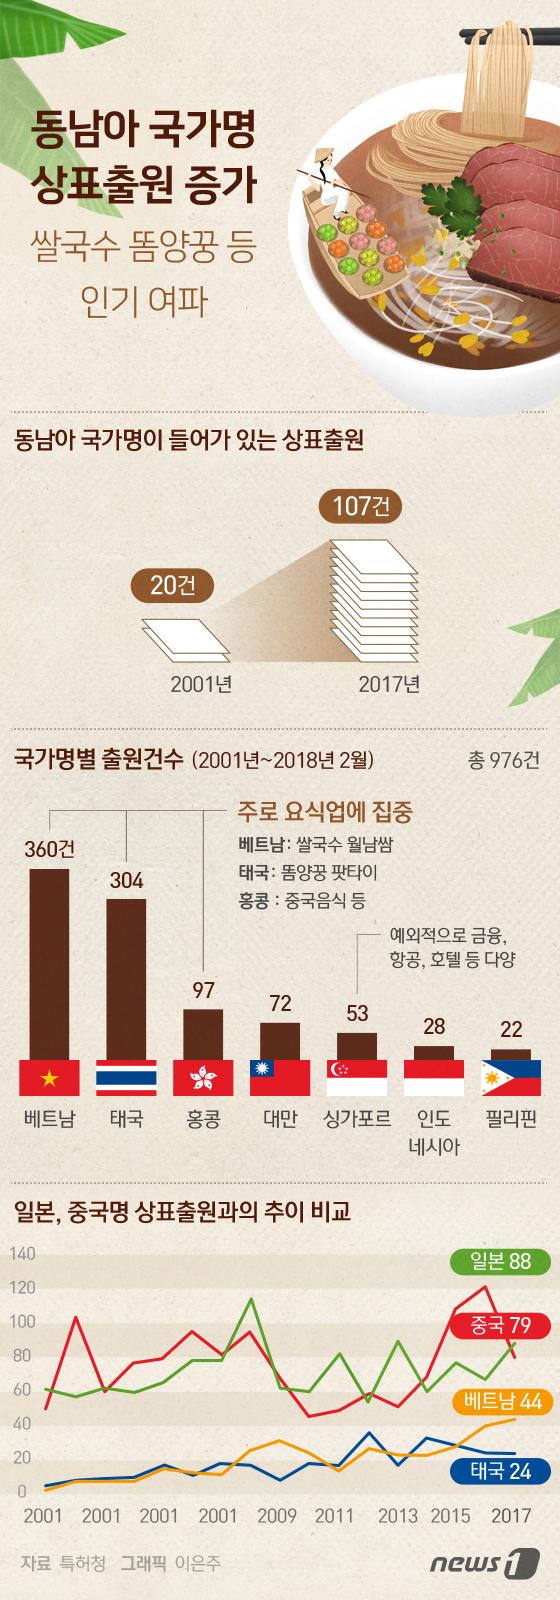 [그래픽뉴스] 동남아 국가명 상표출원 증가…쌀국수 똠양꿍 등 인기 여파